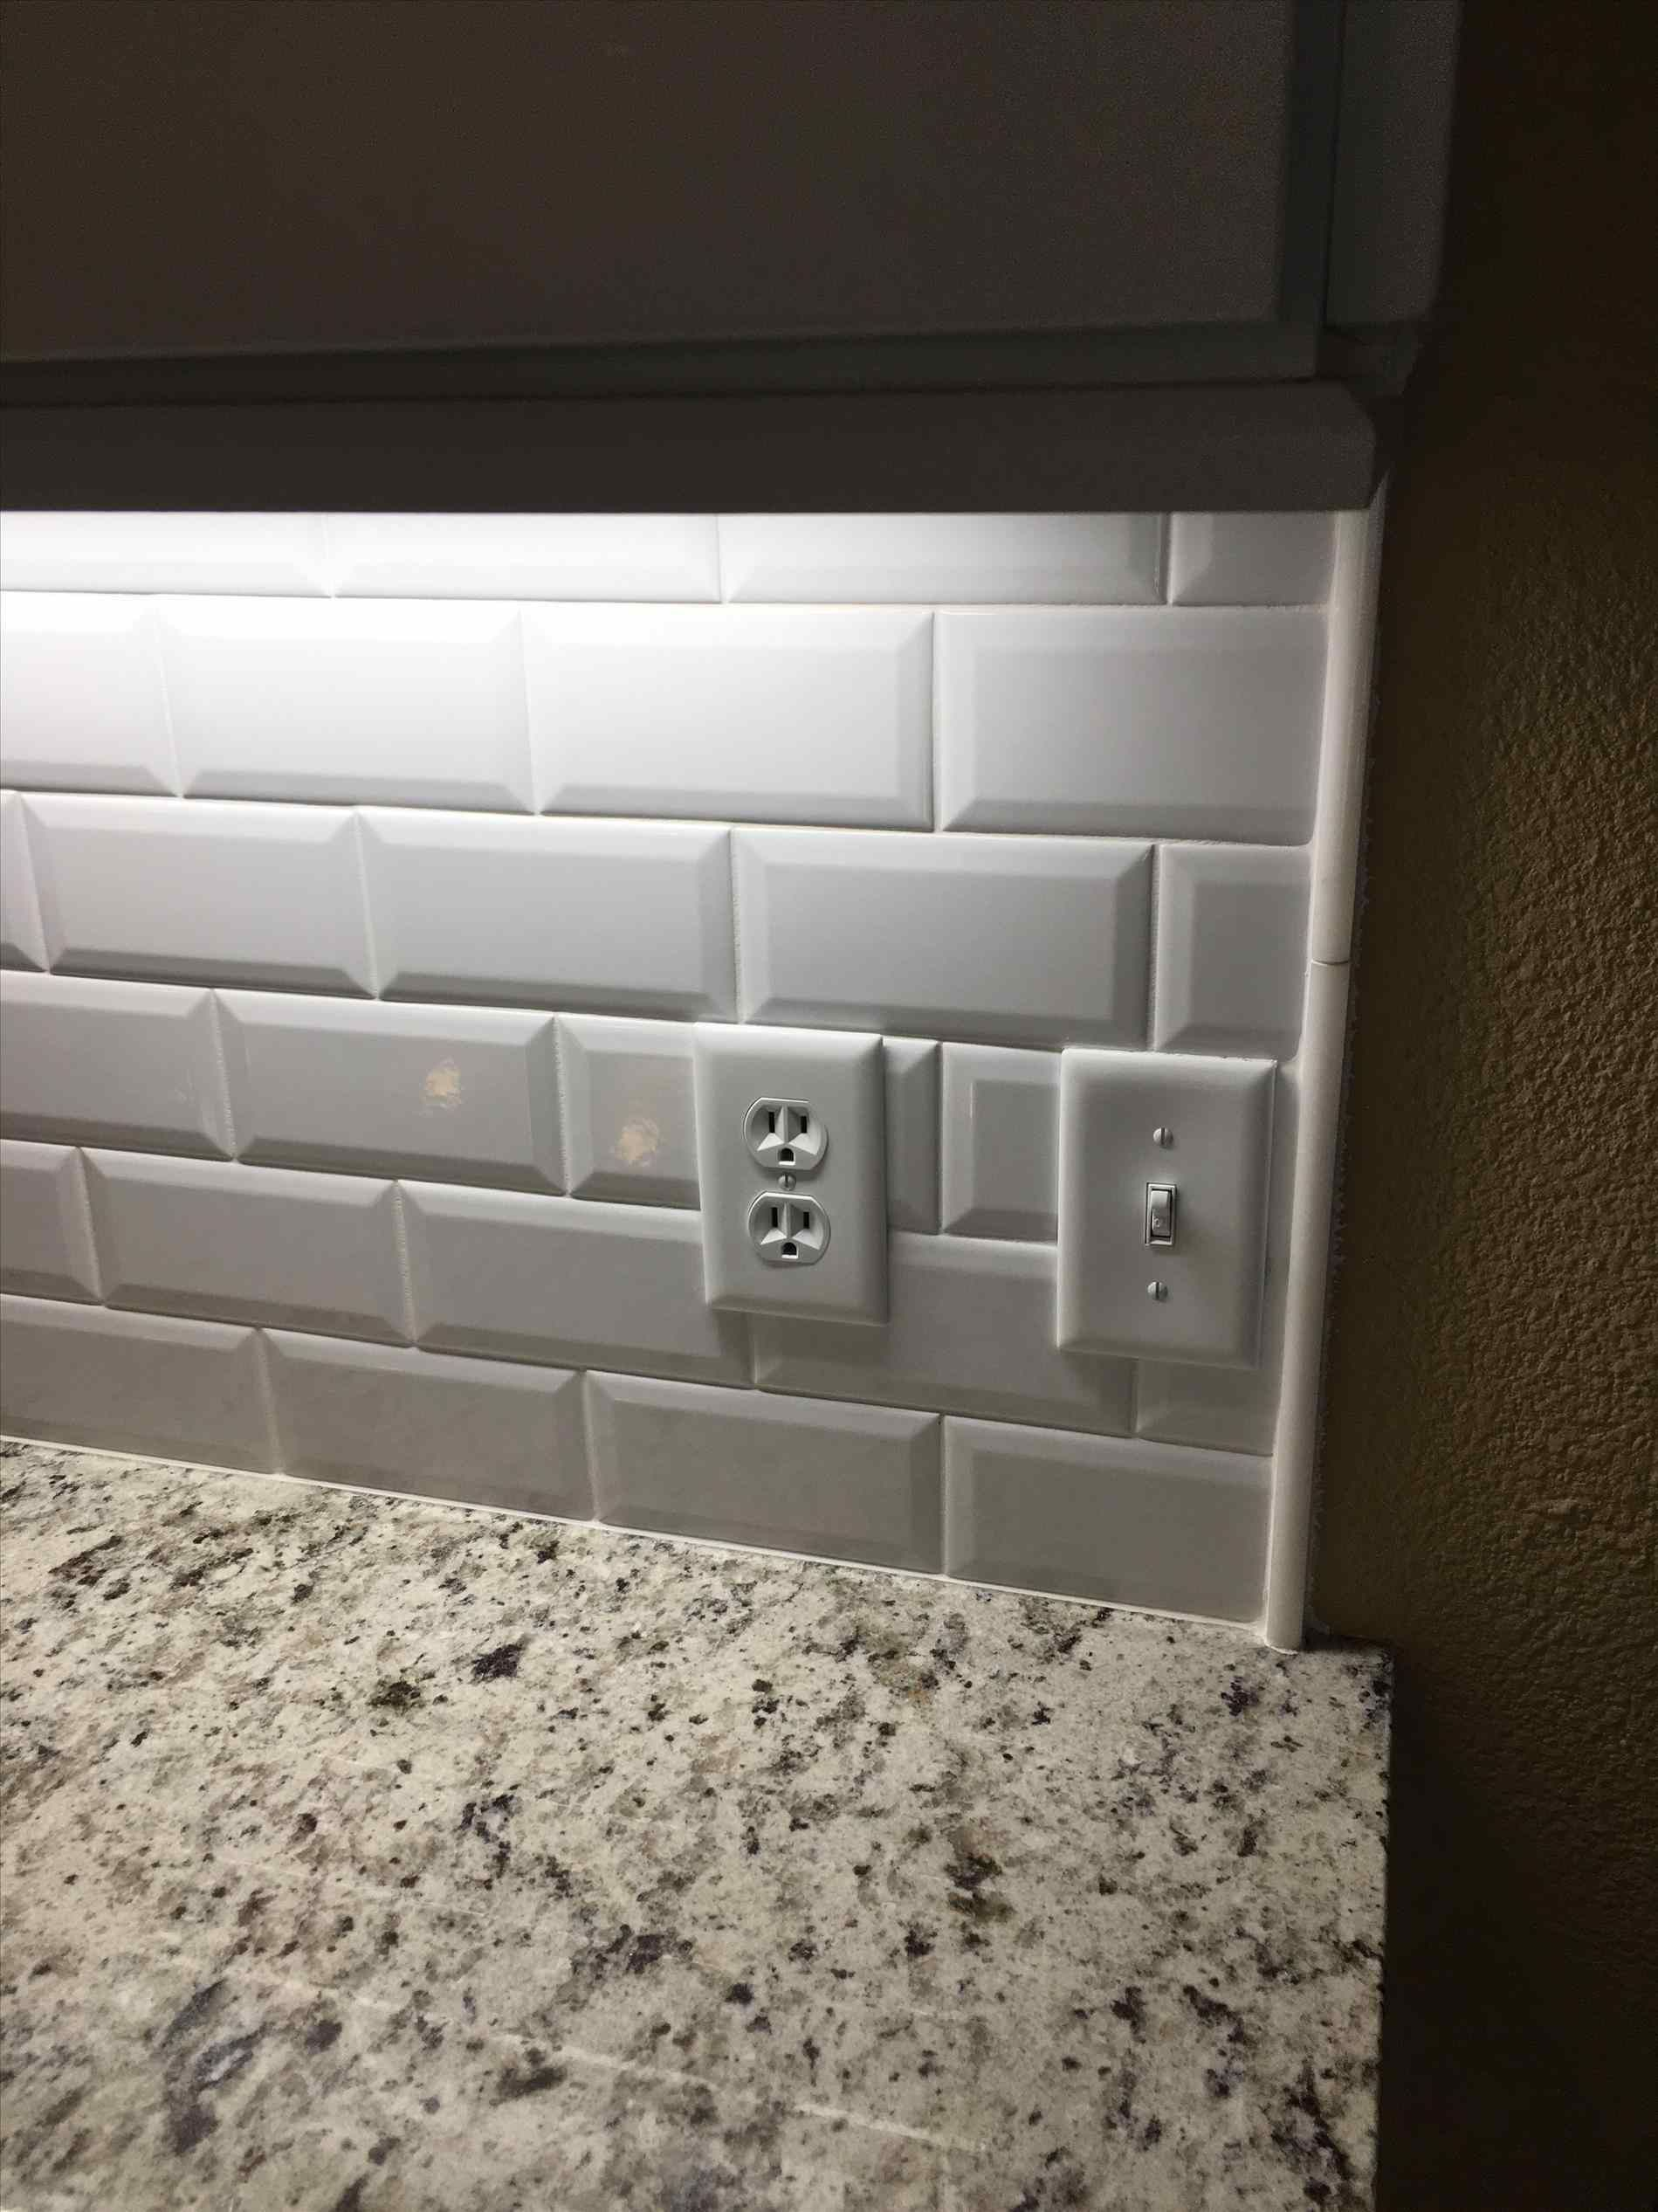 - Image Result For Subway Tile Edge Options Subway Tile Backsplash